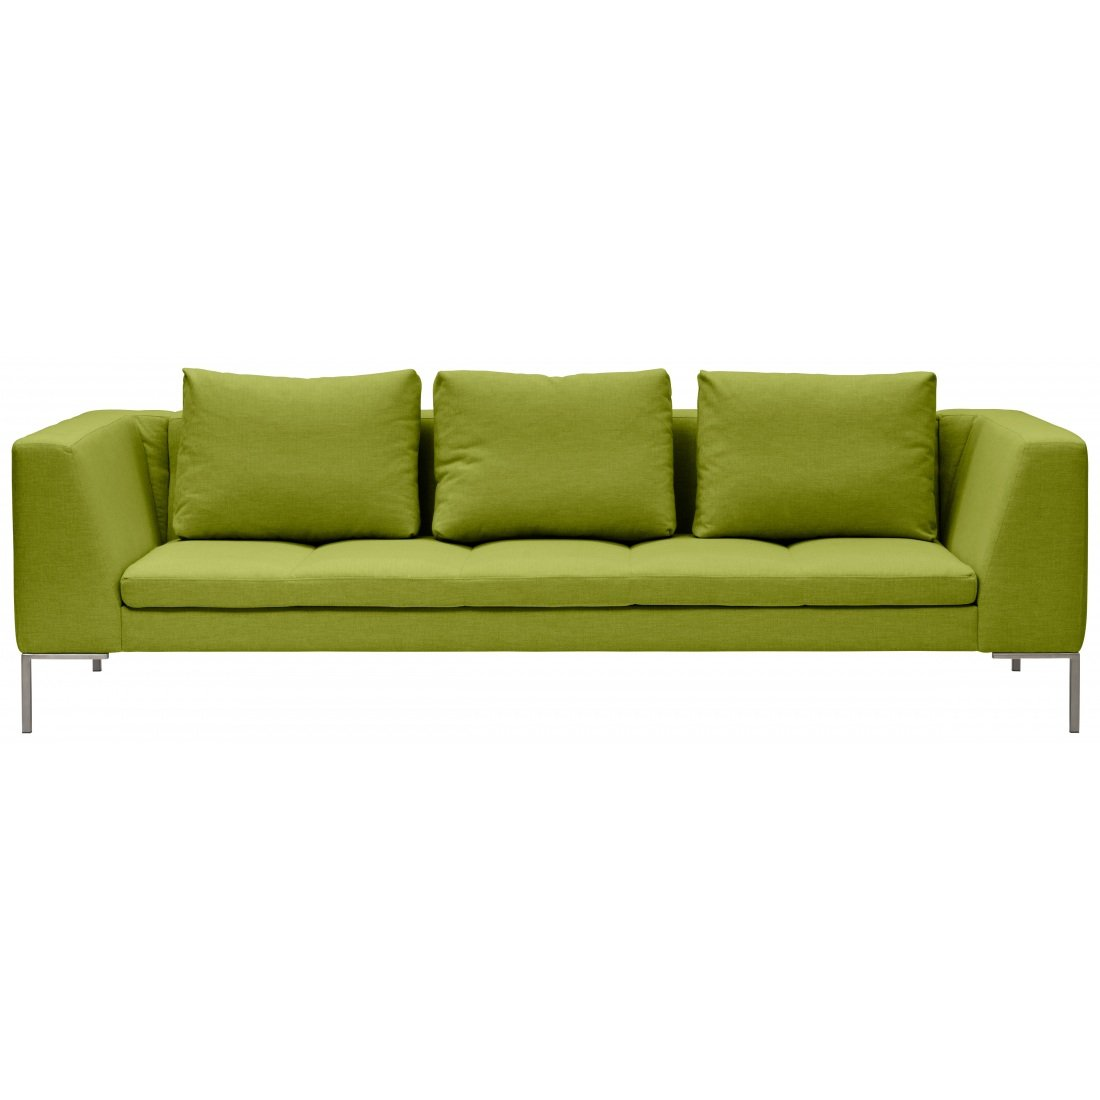 3-Sitzer Sofa Grün Designer Couch Sofa günstig online kaufen